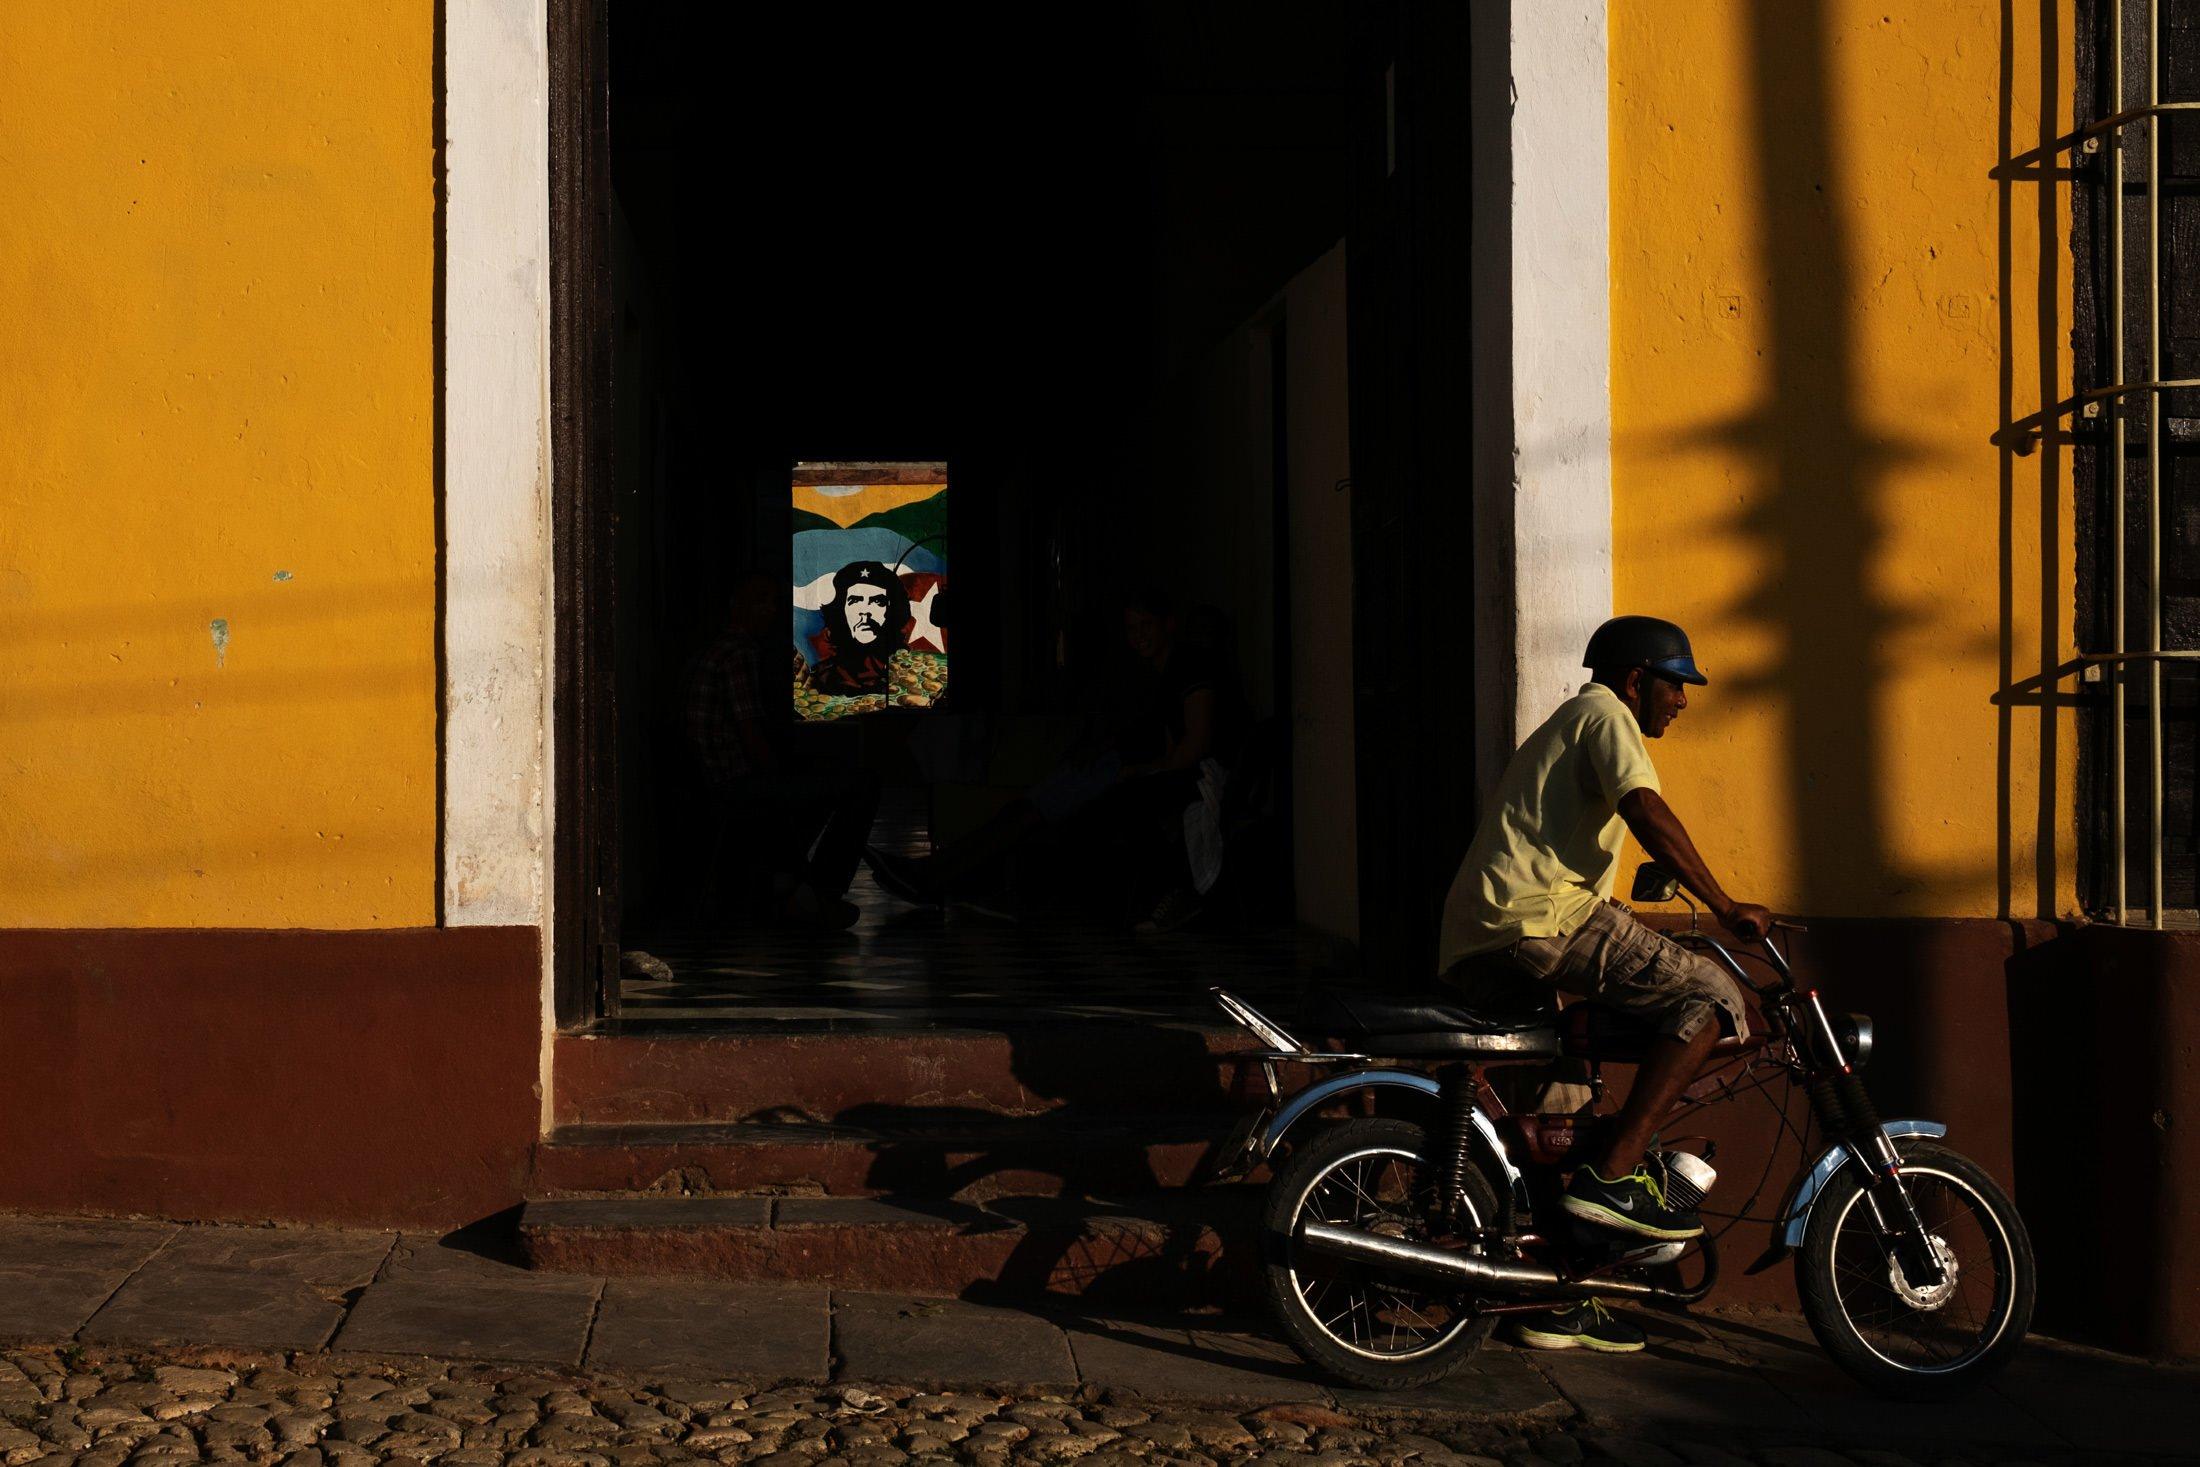 man riding a bike in evening light